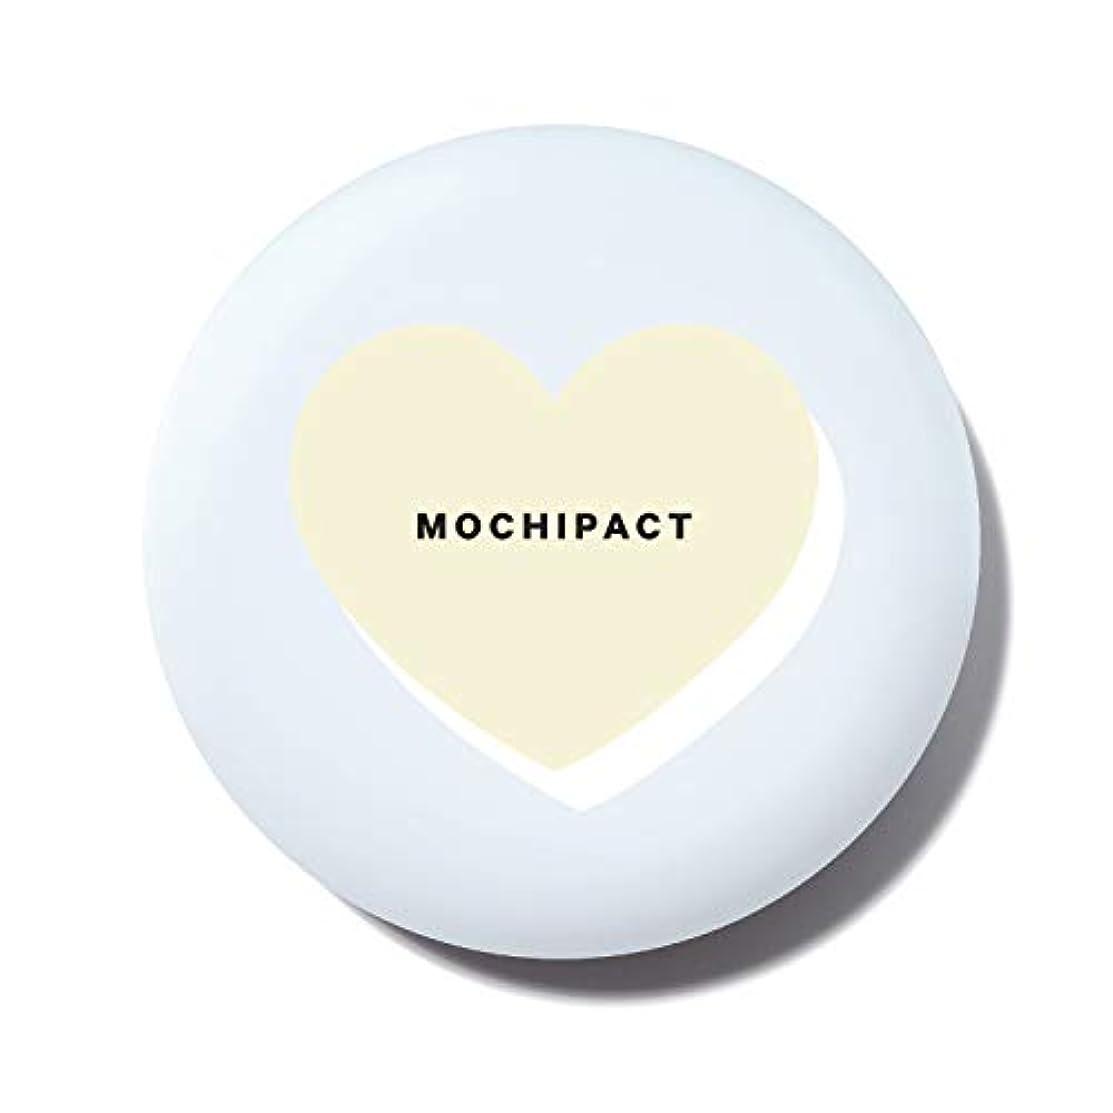 パシフィック騒々しい咲く16brand(シックスティーンブランド) 16MOCHI PACT (モチパクト) ピーチライト (PEACH LIGHT) (9g)